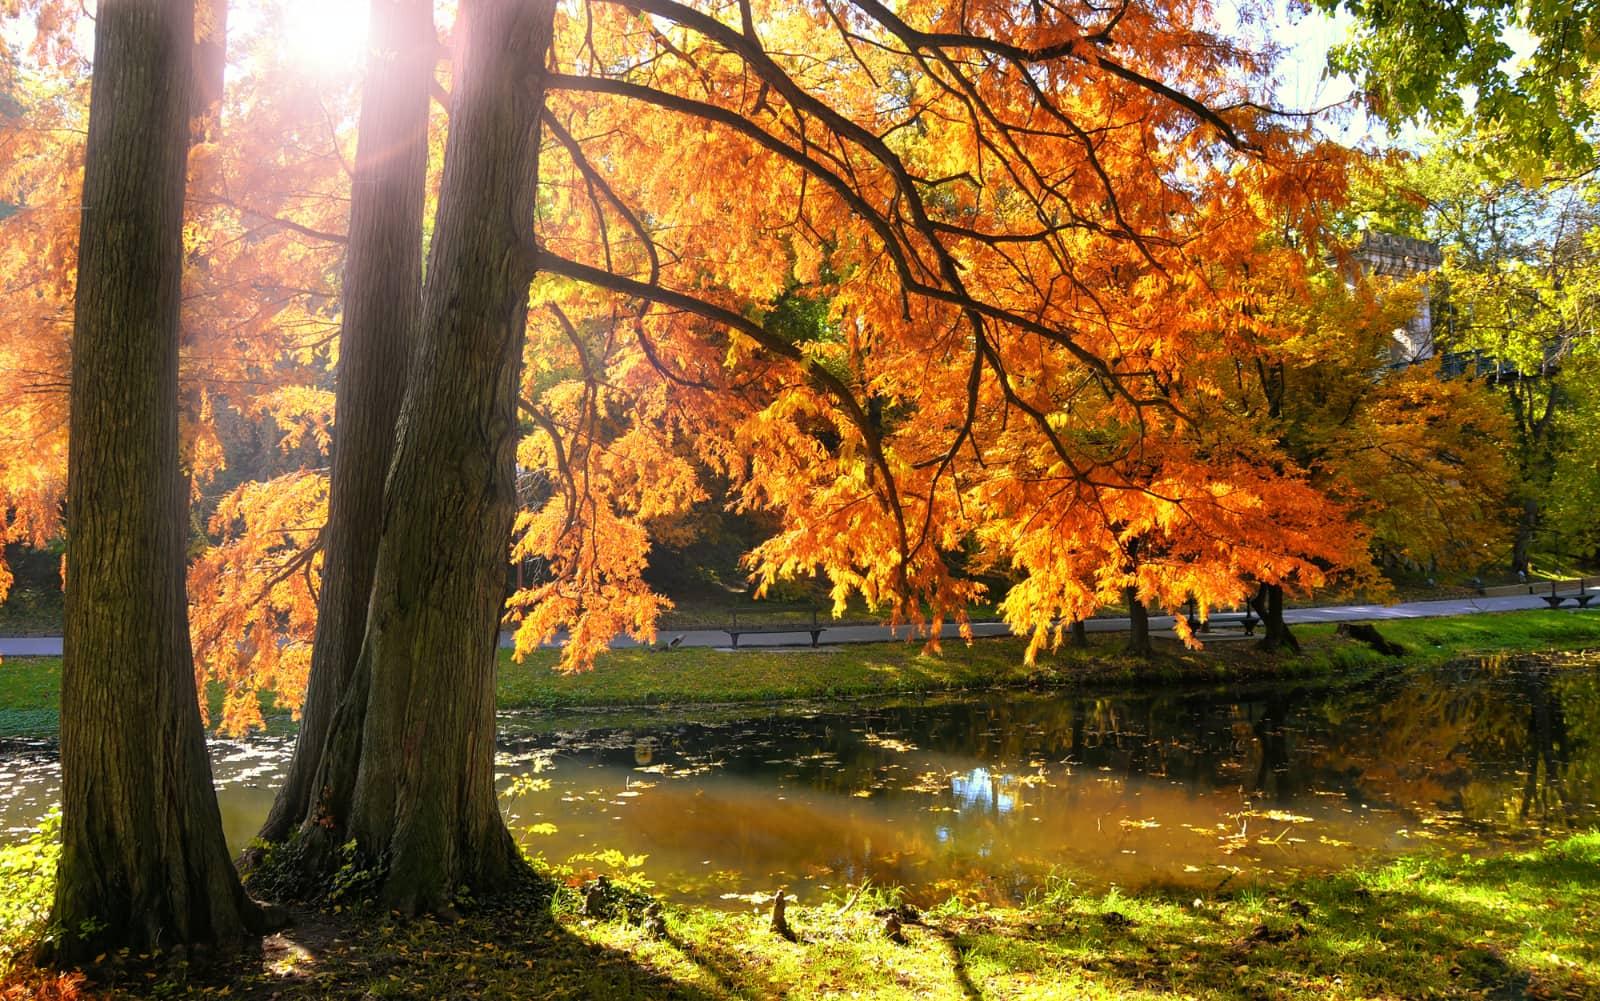 Bomen met herfstgebladerte met water in park